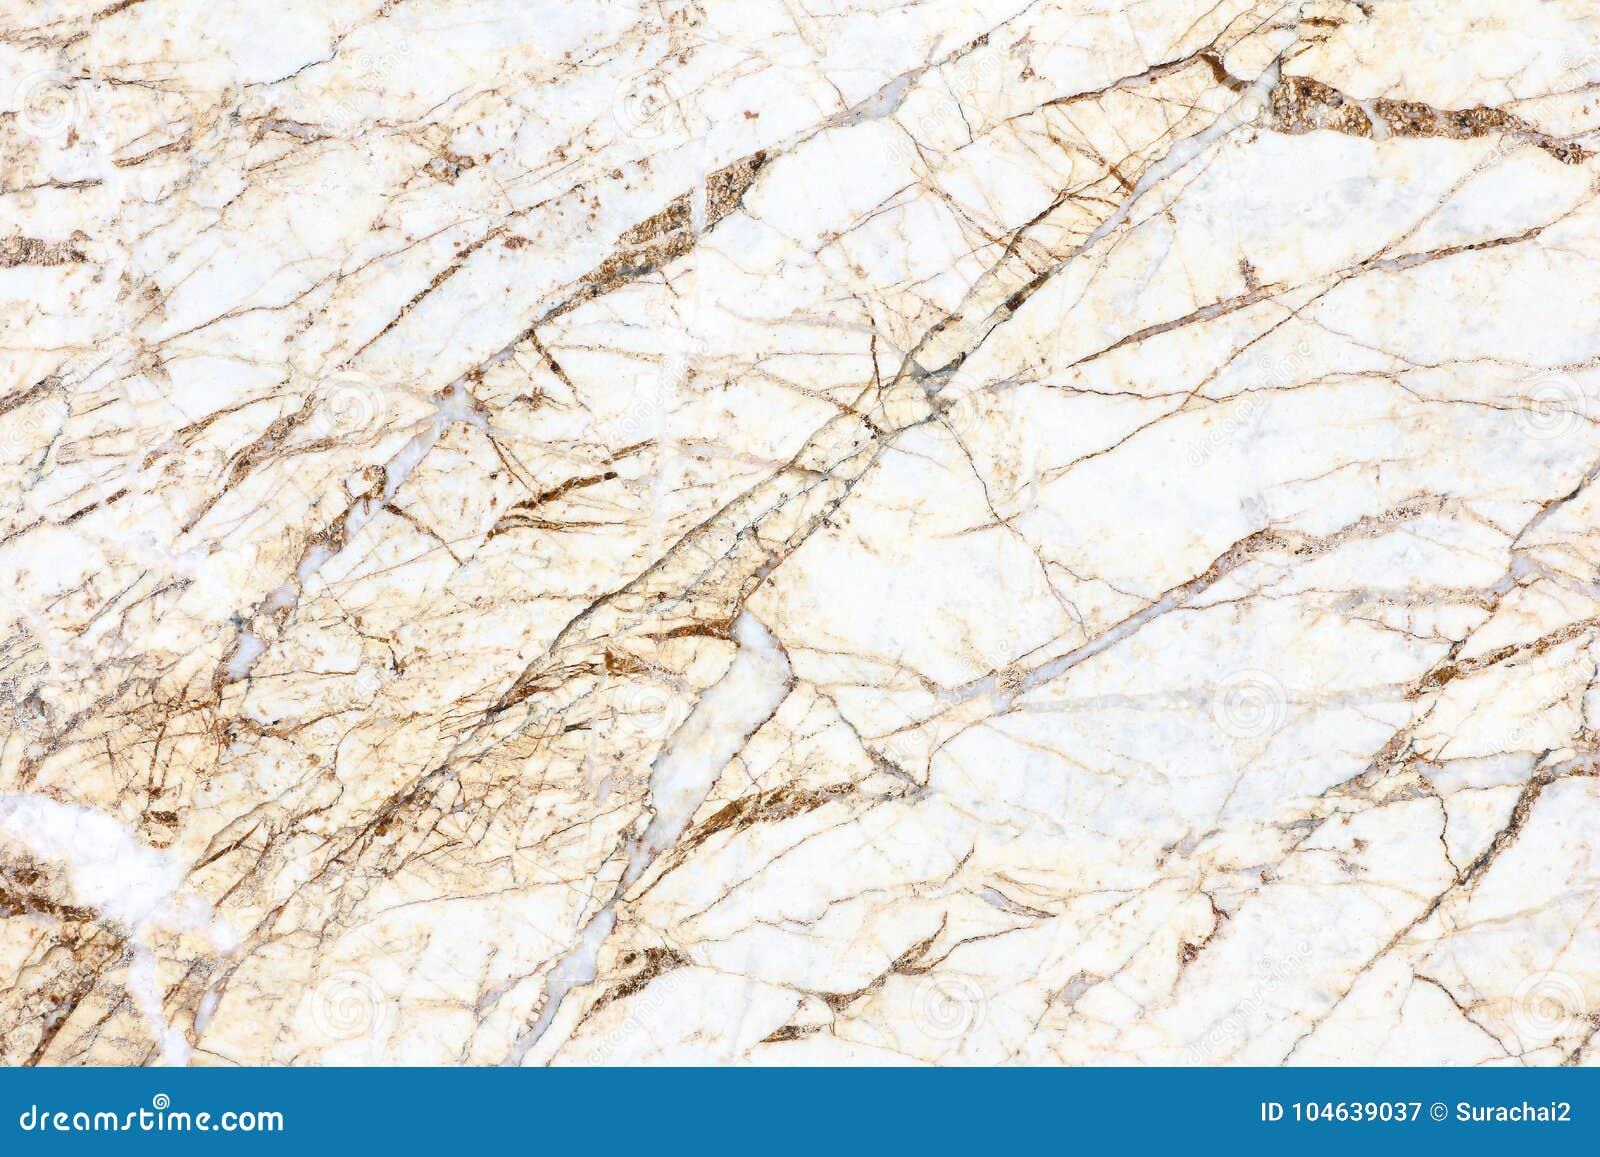 Download Marmeren Textuurpatroon Als Achtergrond Stock Afbeelding - Afbeelding bestaande uit oppervlakte, grijs: 104639037